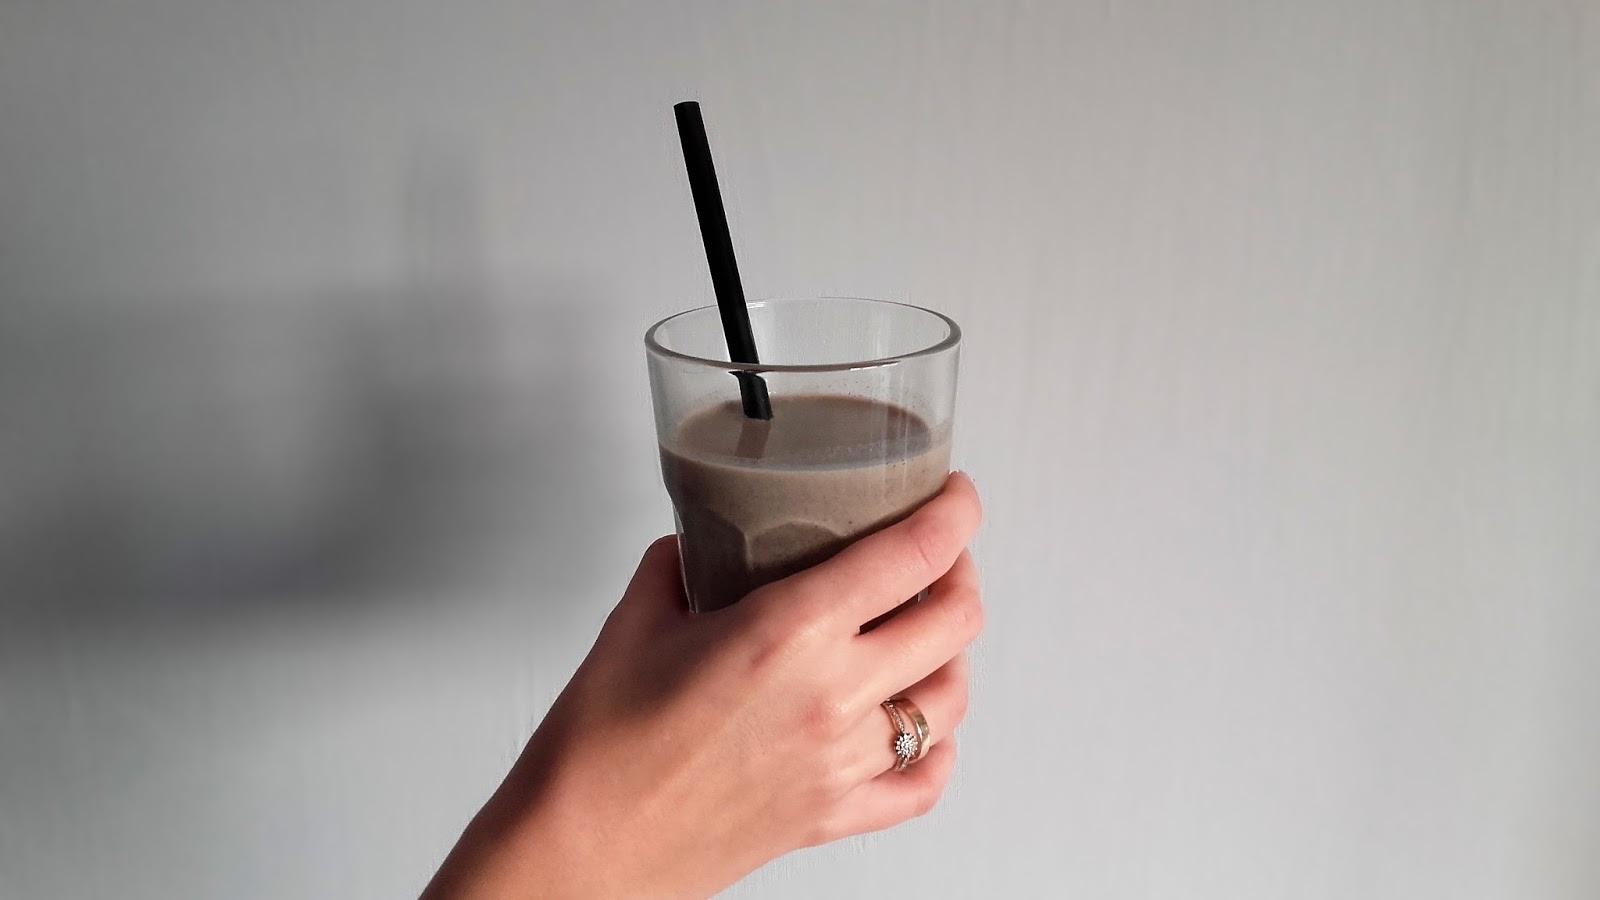 Jak zwiększyć laktację. słód jęczmienny a wpływ na ilość mleka. Karmienie piersią a słód jęczmienny